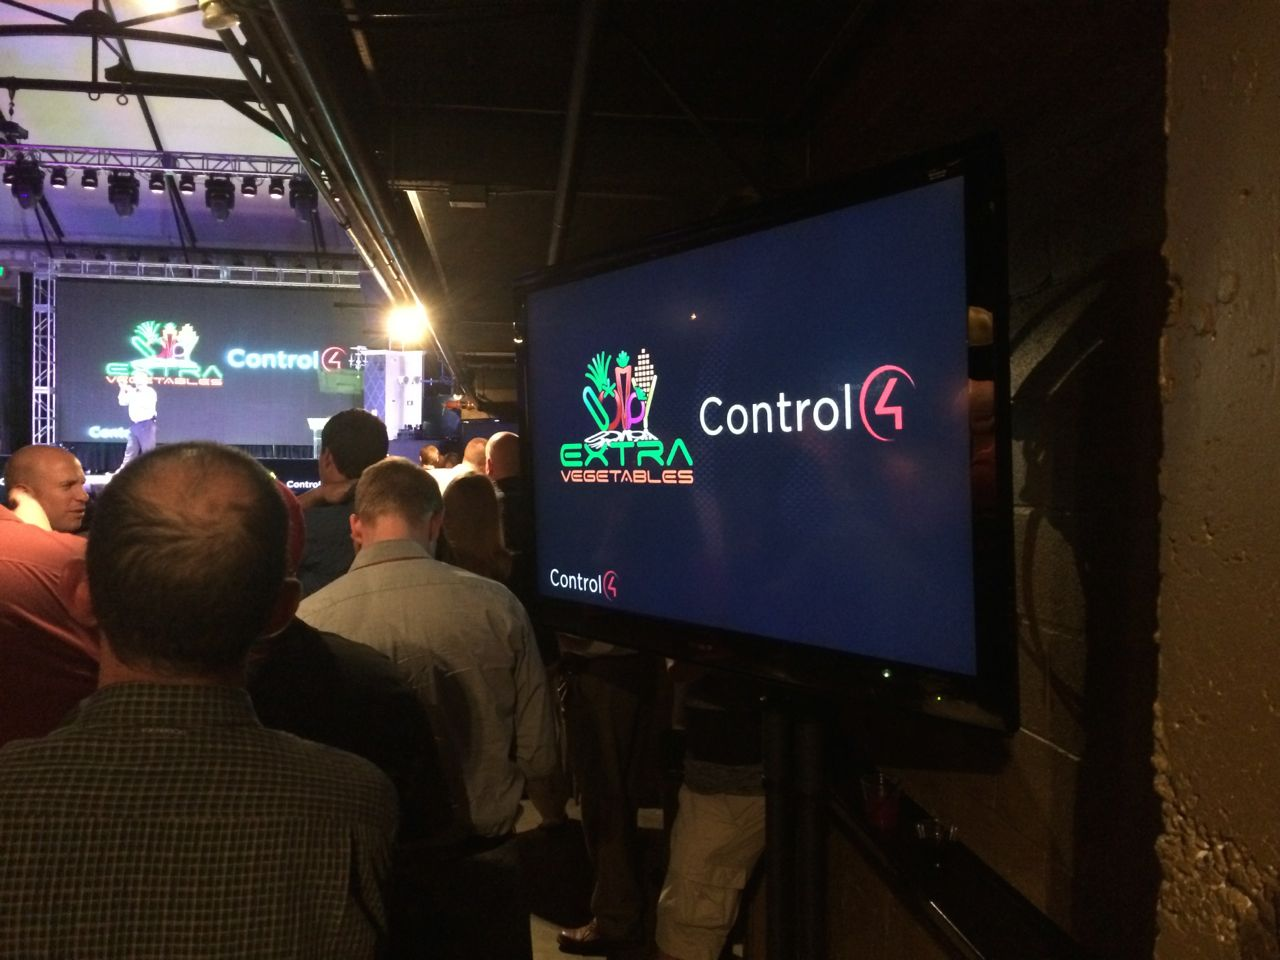 Control4 announces acquisition of EV